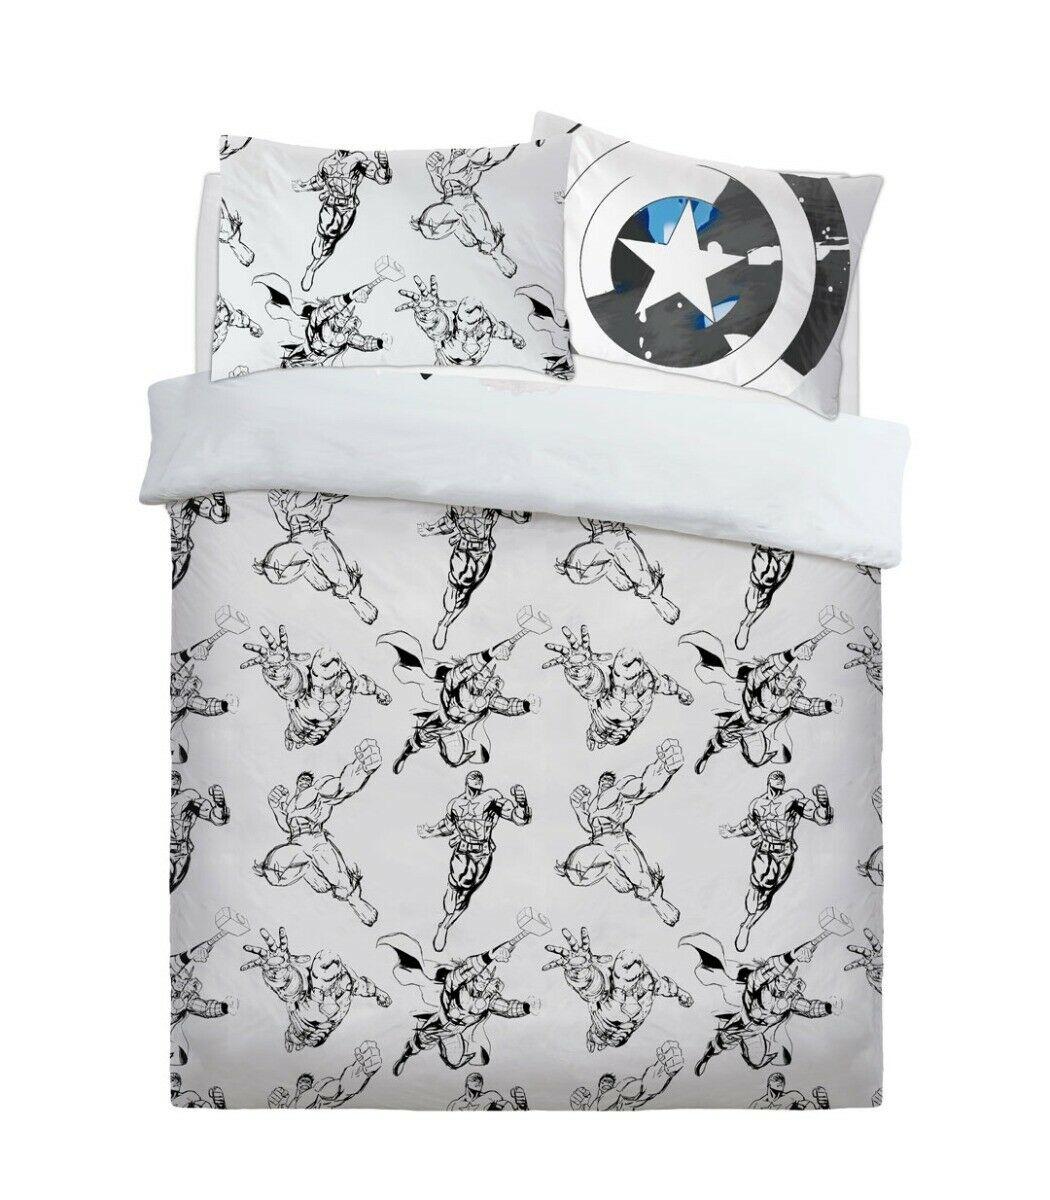 Avengers Watercolour Panel Double Bed Duvet Quilt Cover Set